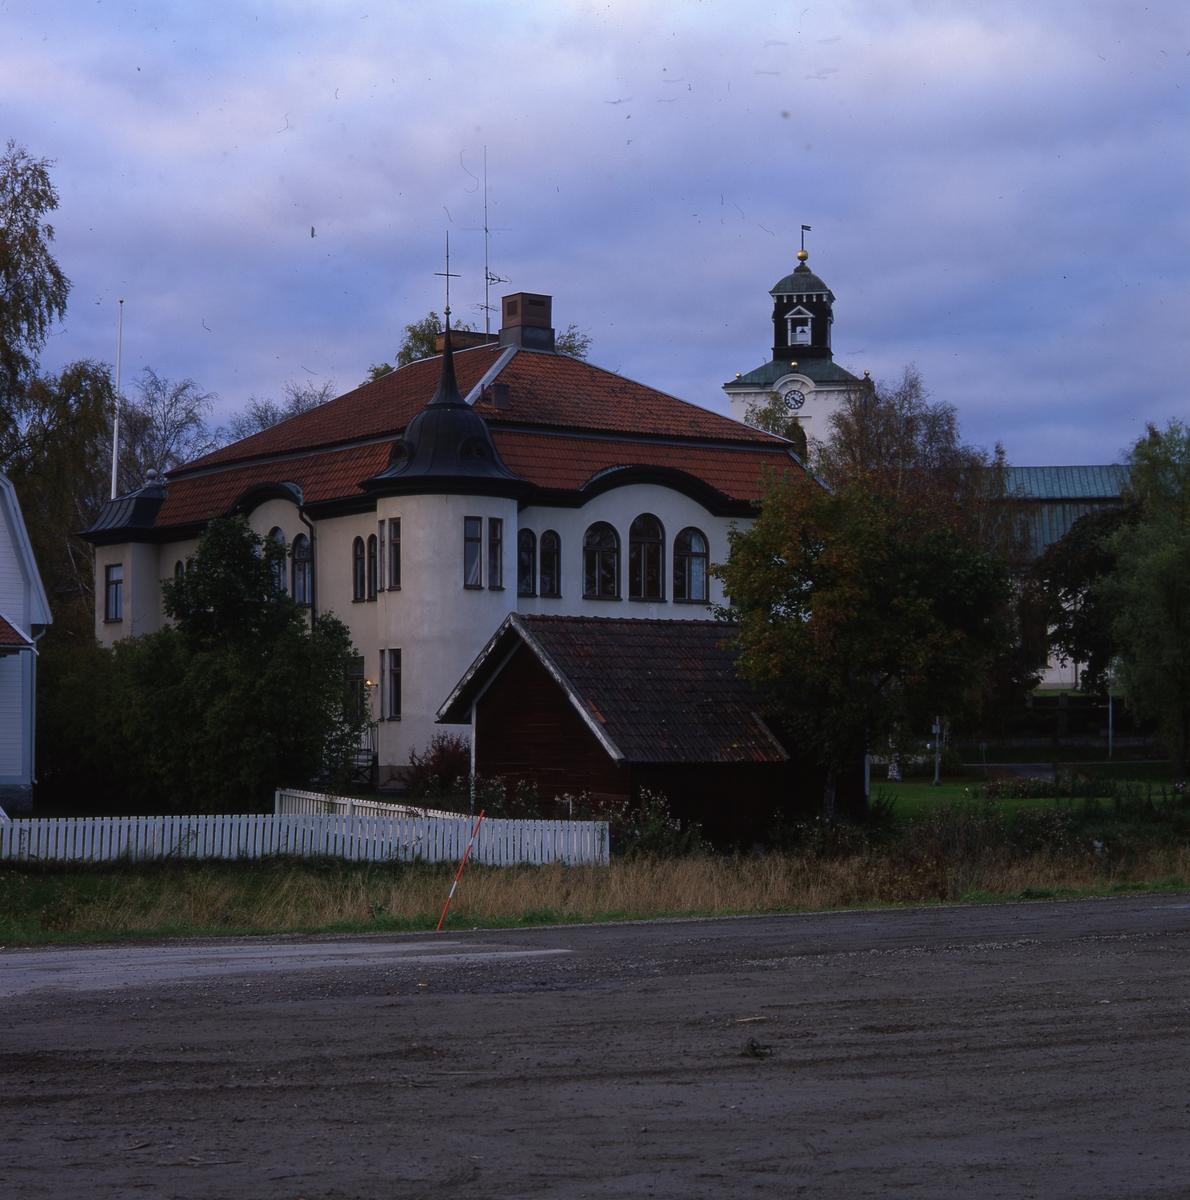 Hembygdsgården Alfta, 6 oktober 1998.